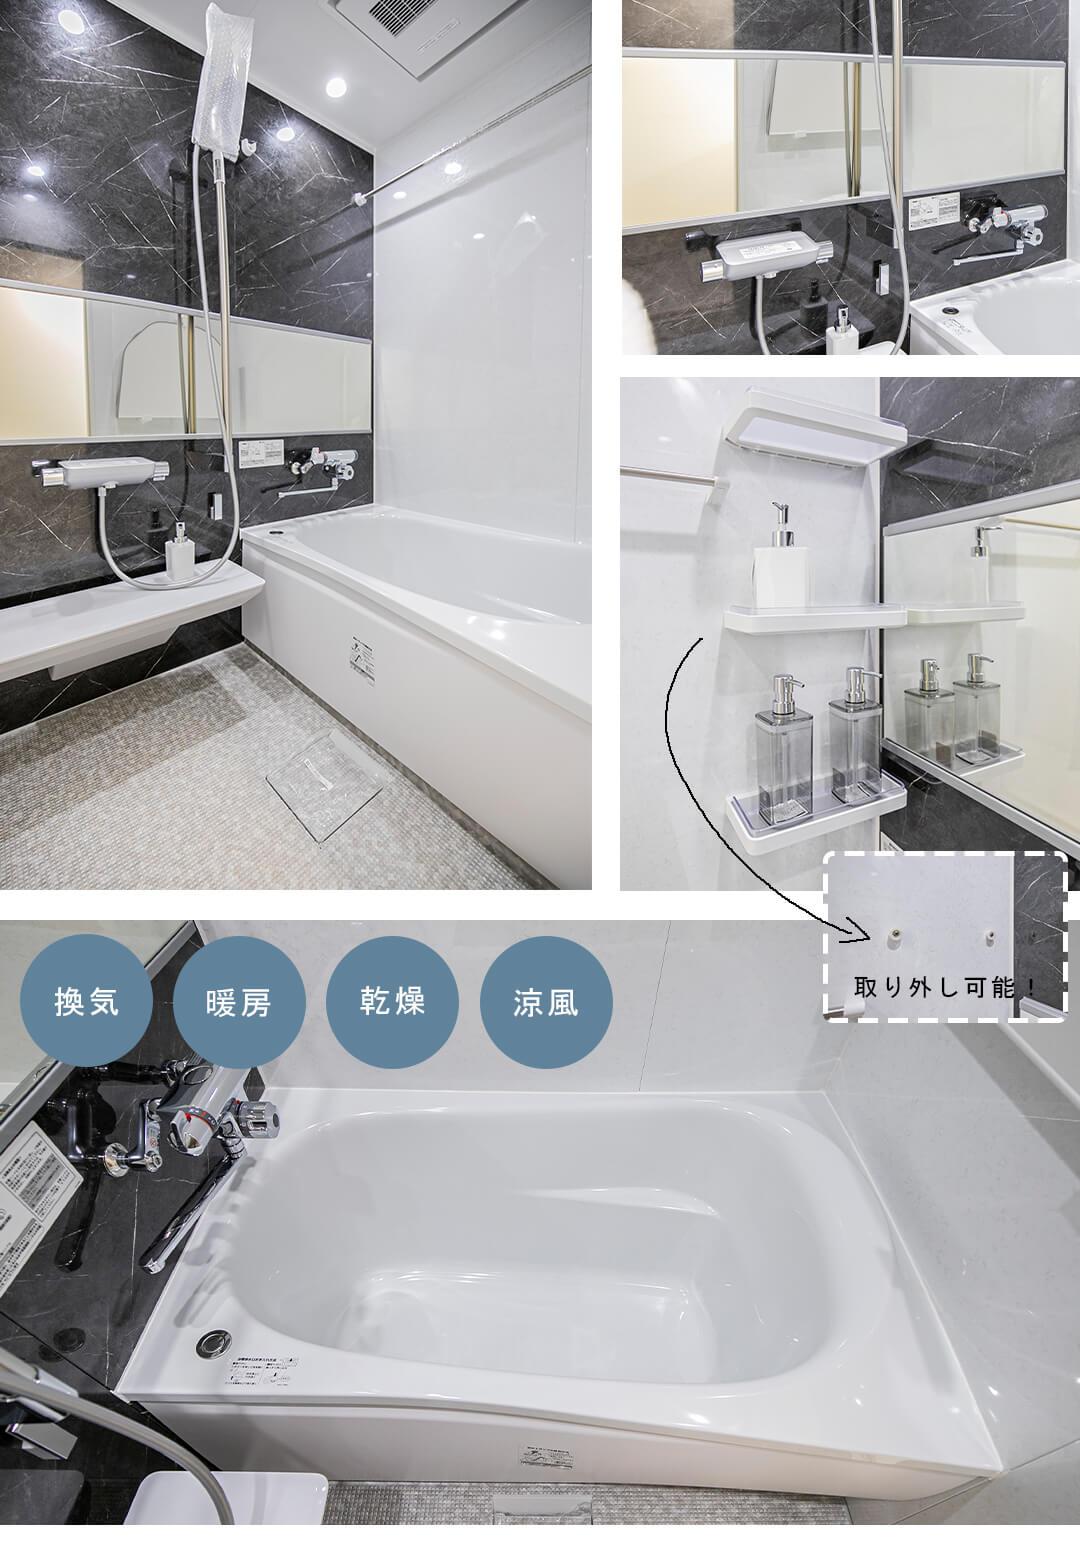 インペリアル赤坂壱番館の浴室